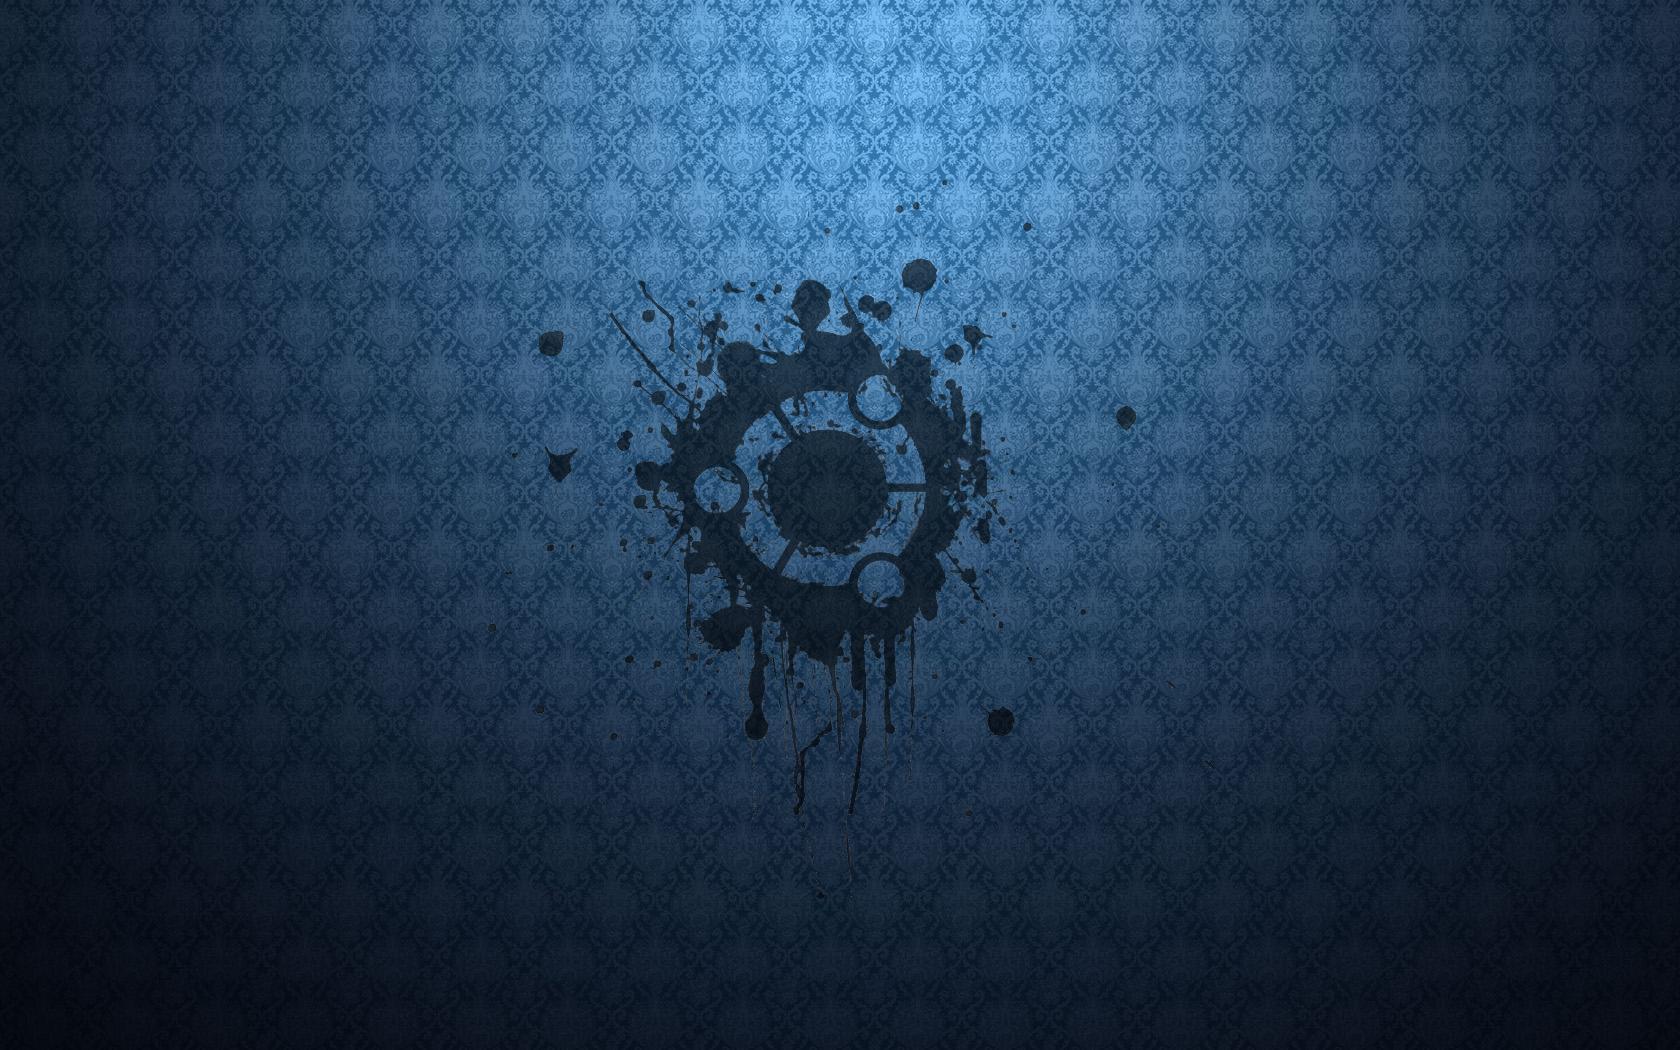 Dark Blue Ubuntu Wallpapers Full Hd Wallpapers